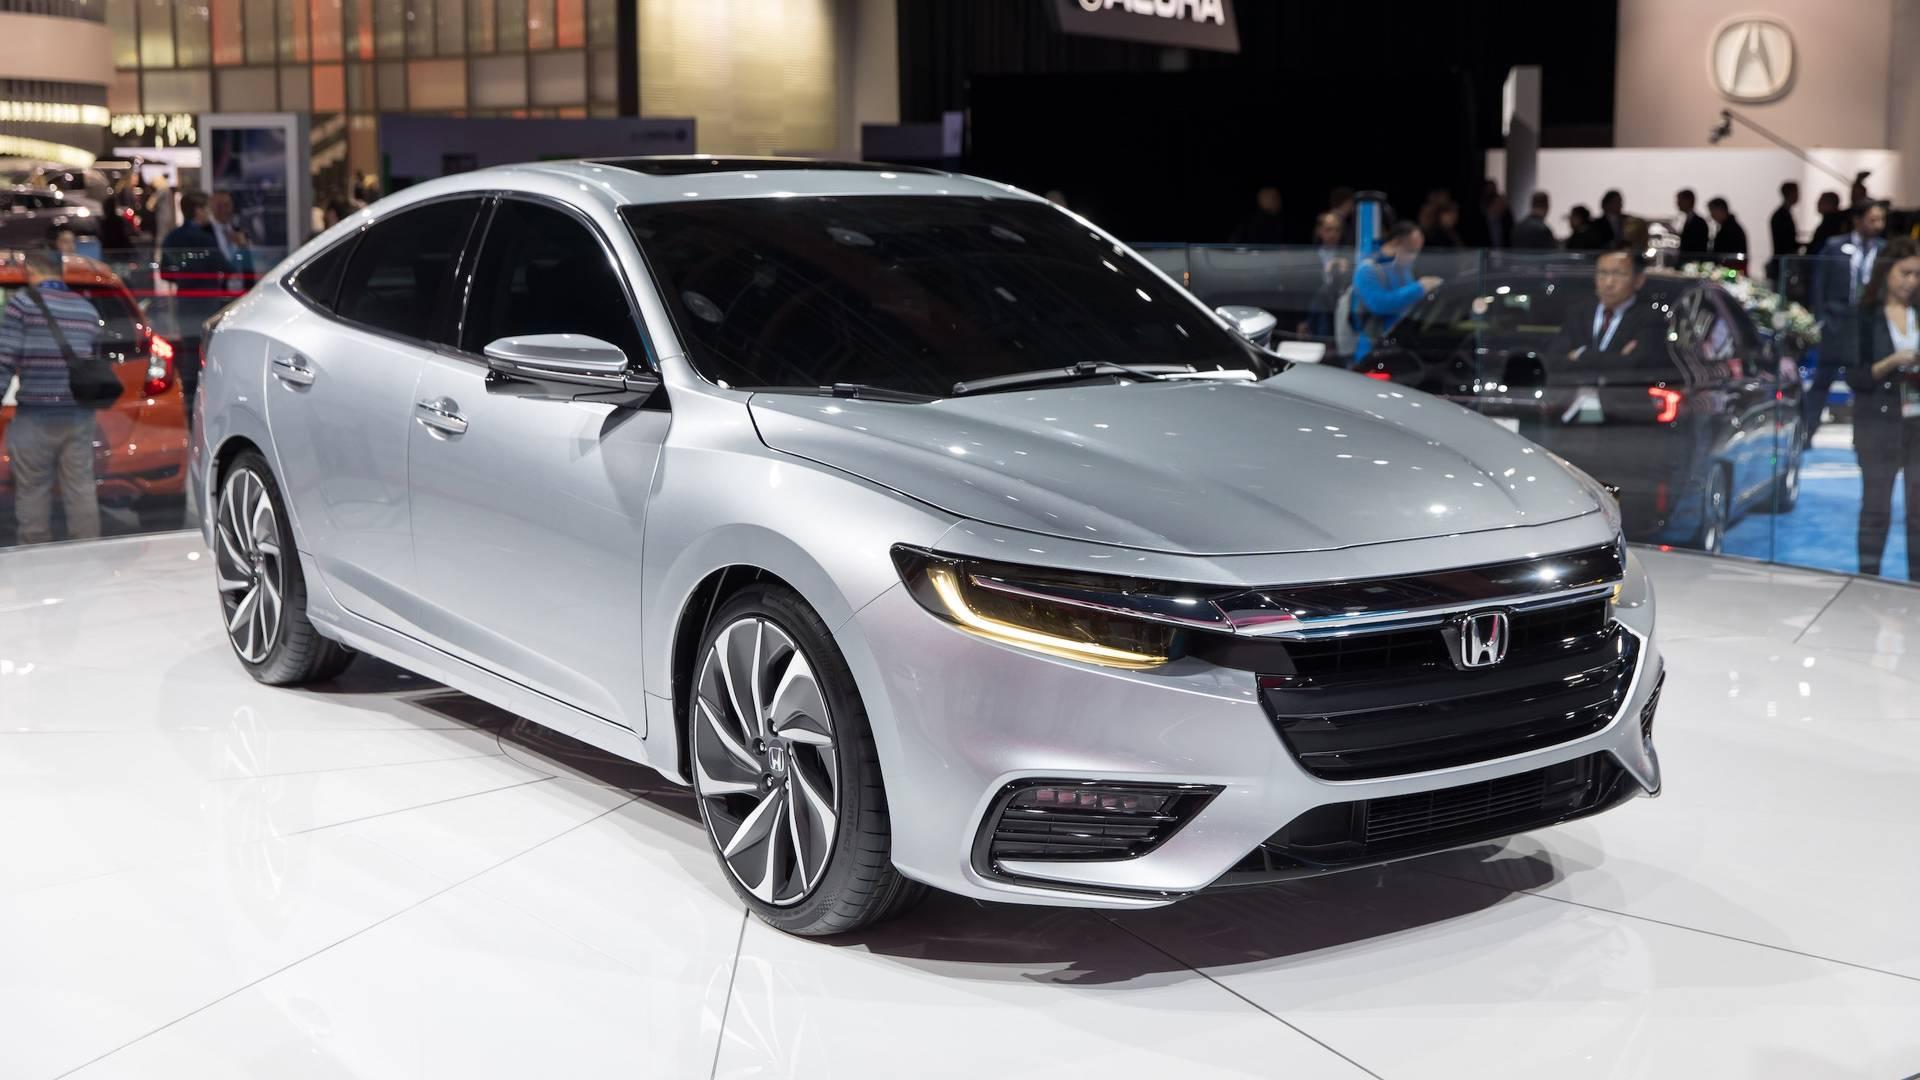 honda beat review civic sedan to reviews tough